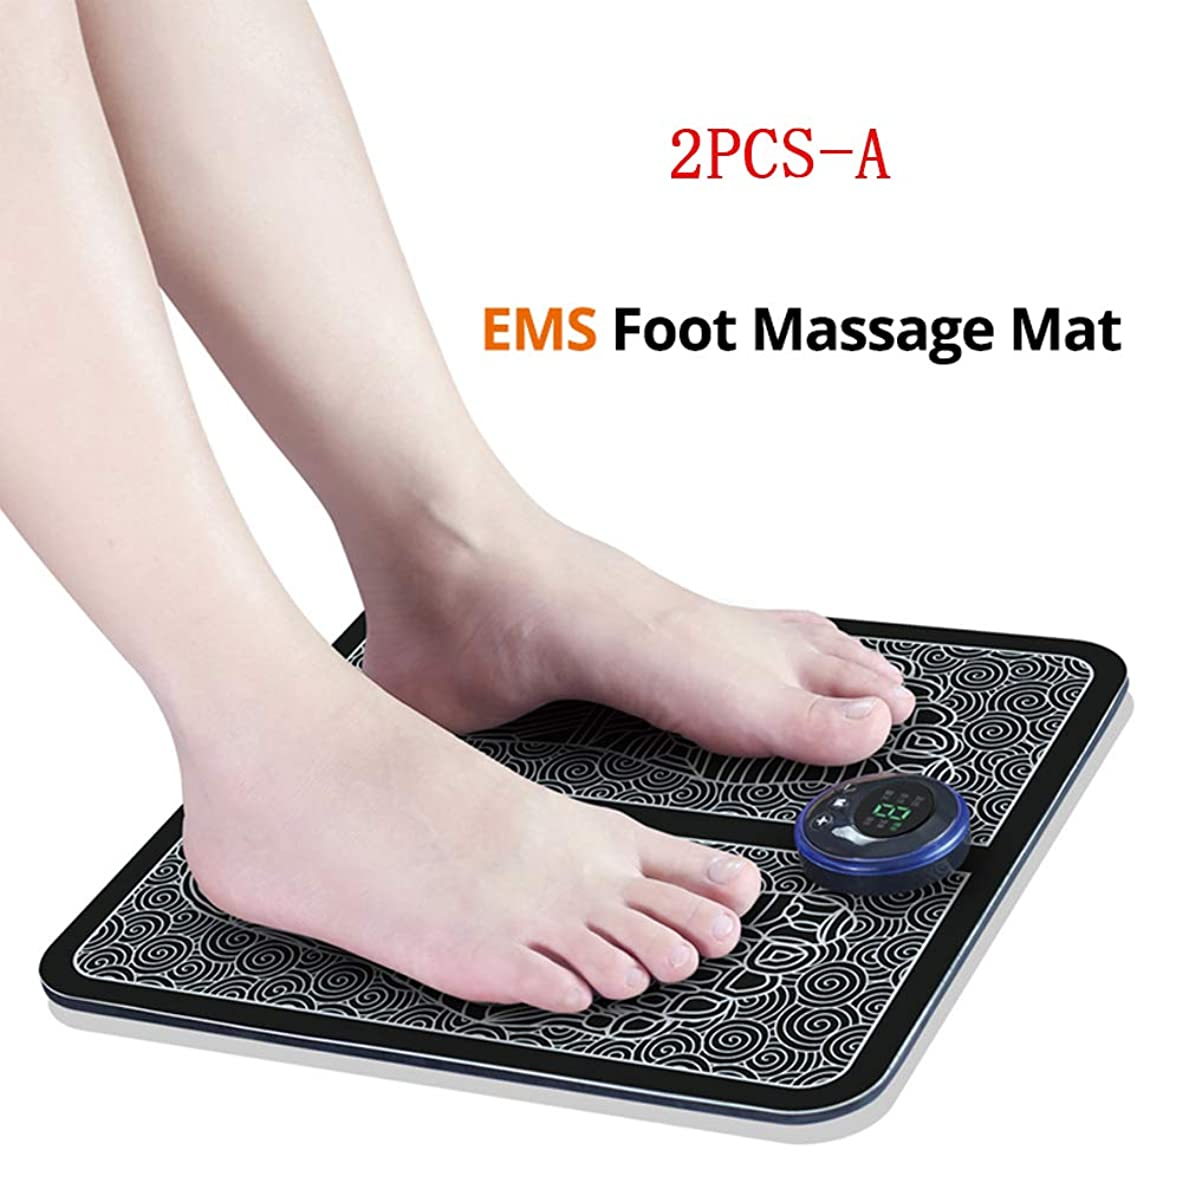 協定協定行進EMSスマートフットマッサージパッド、フットマッサージャー、足指圧療法、血液循環を促進し、男性と女性の疲労を軽減、2PCS,A